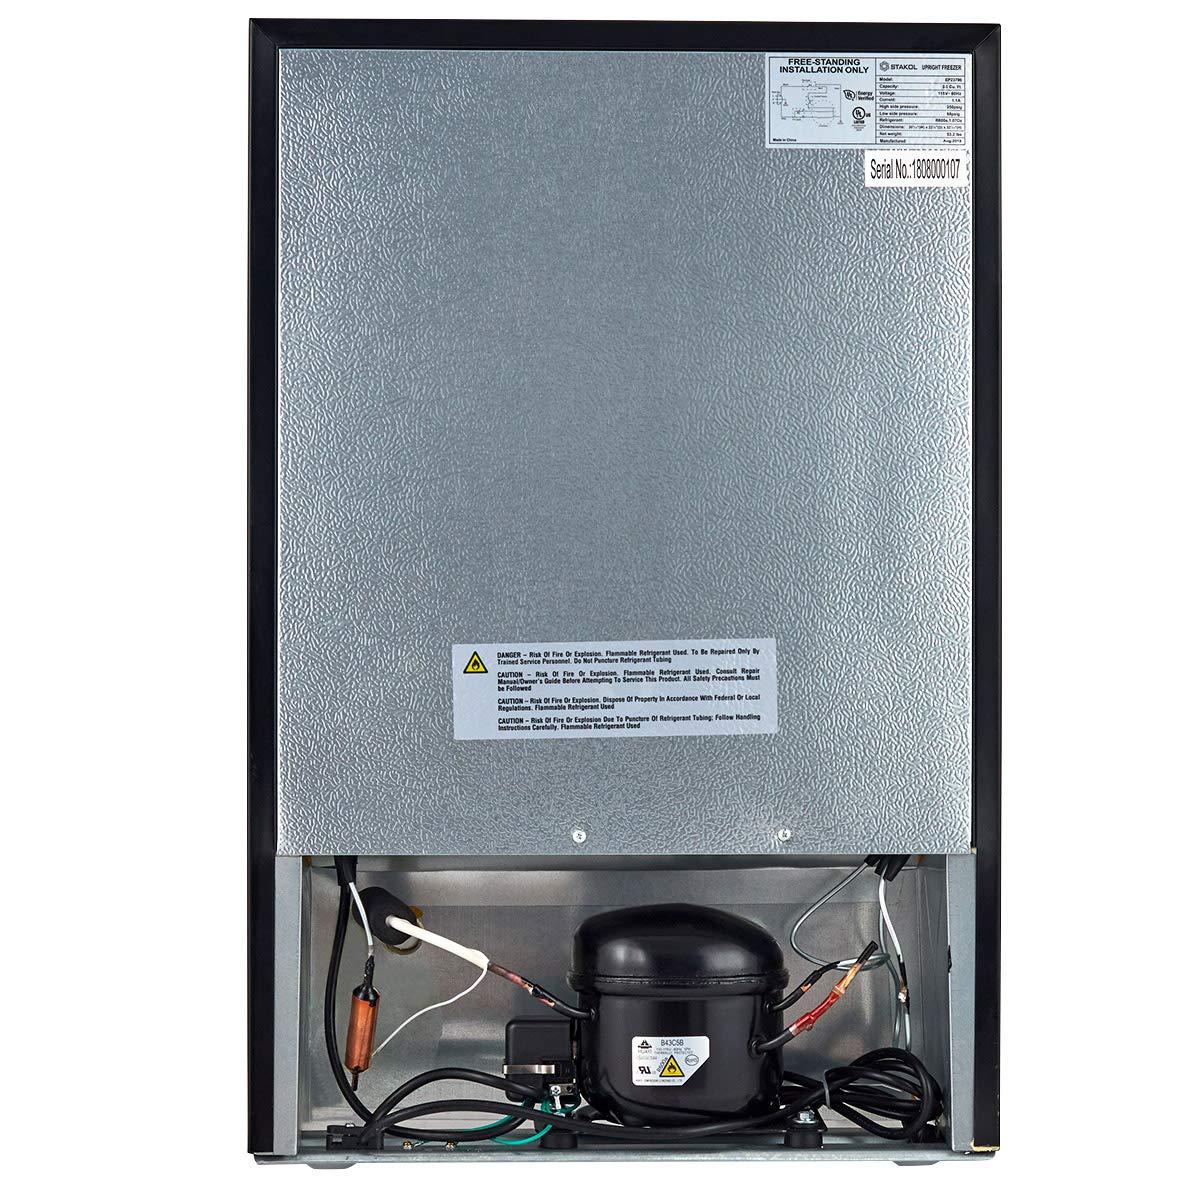 COSTWAY Compact Single Door Upright Freezer - Mini Size with Stainless Steel Door - 3.0 CU FT Capacity - Adjustable by COSTWAY (Image #8)